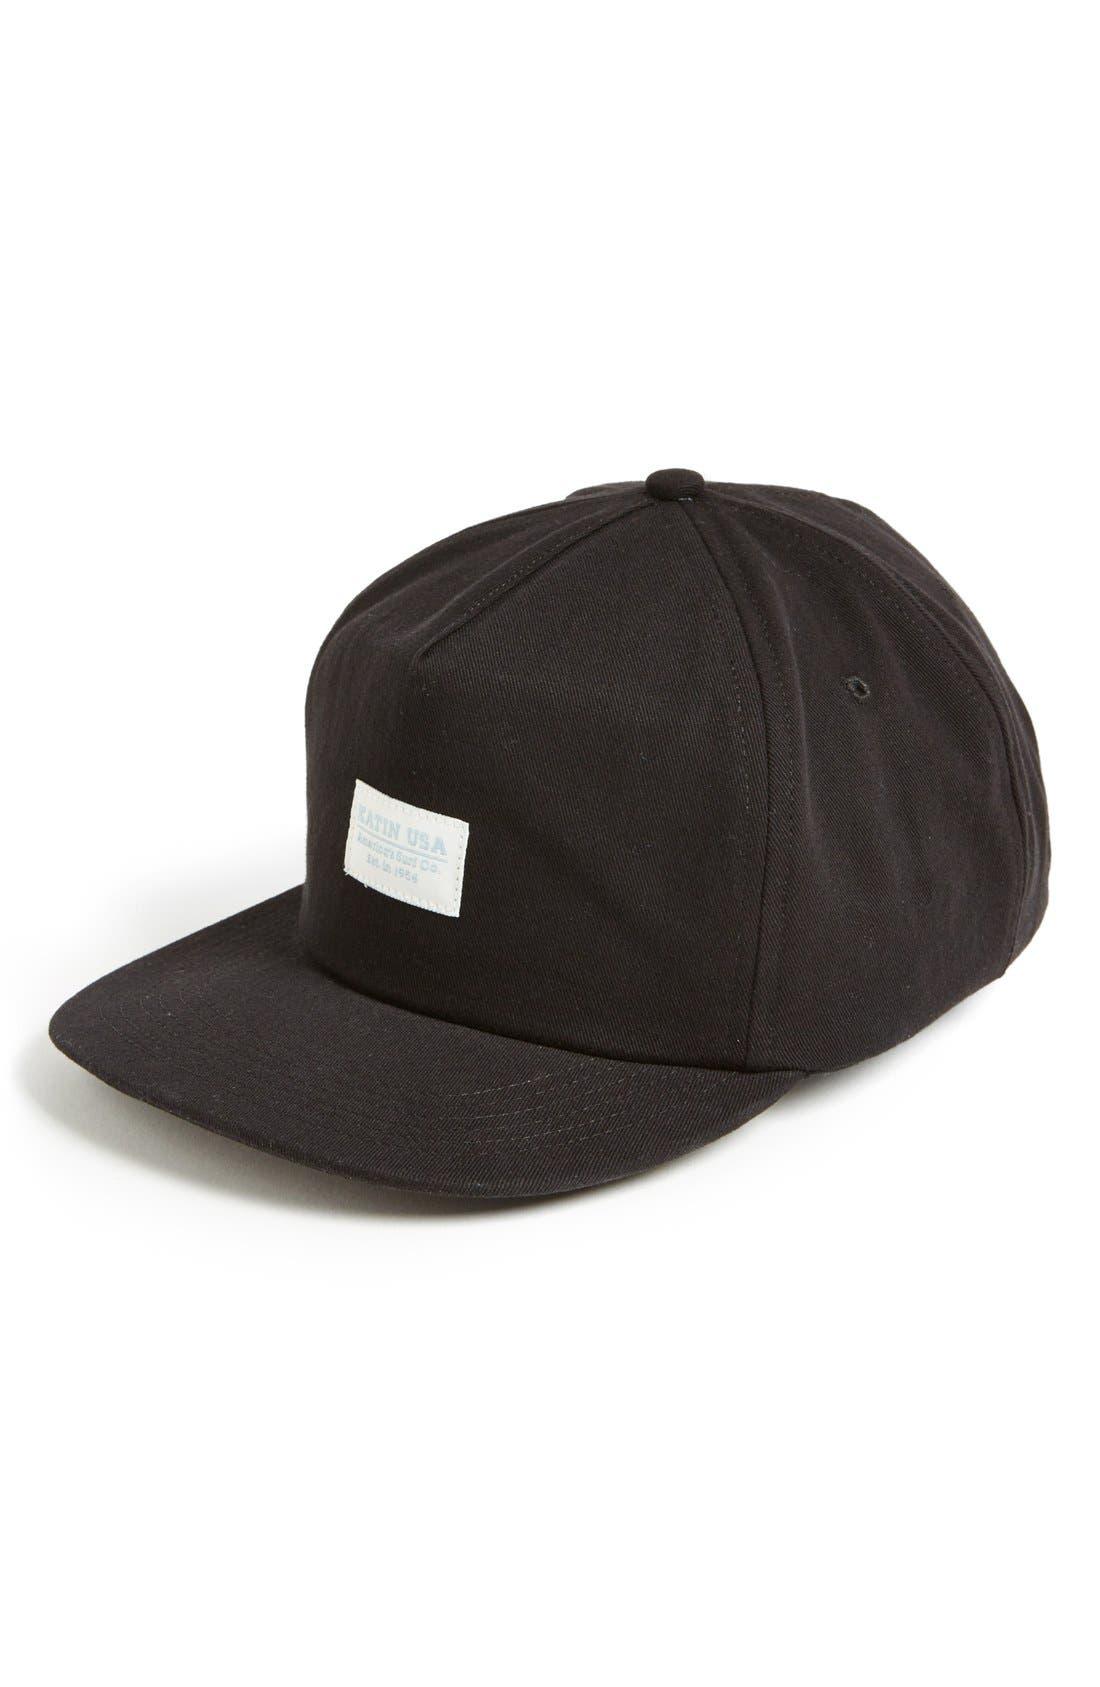 Main Image - Katin 'Standard' Snapback Baseball Cap